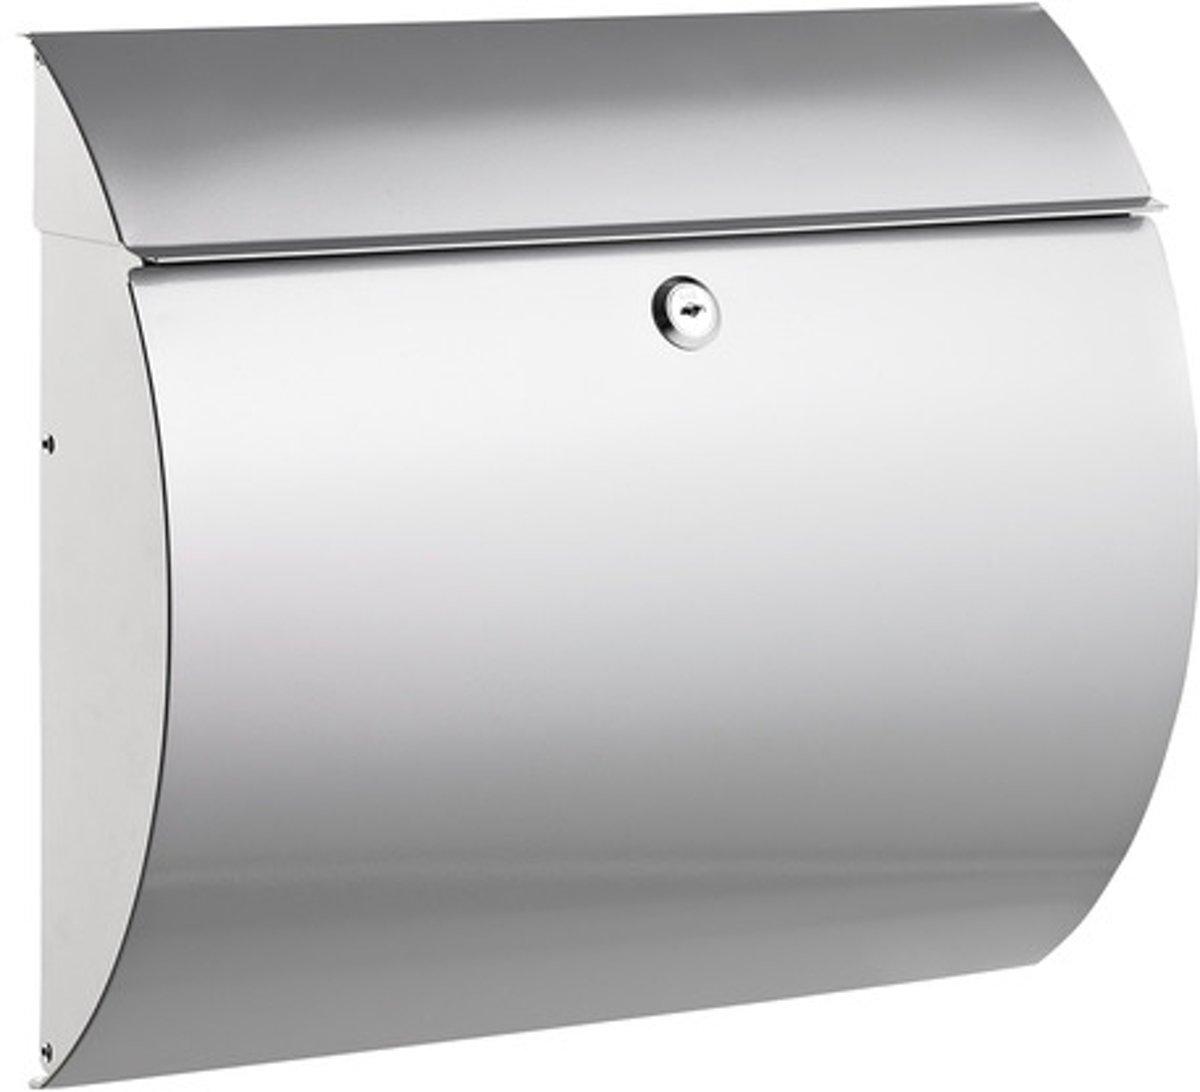 Brievenbus Alco zilver met slot 375x330x120mm